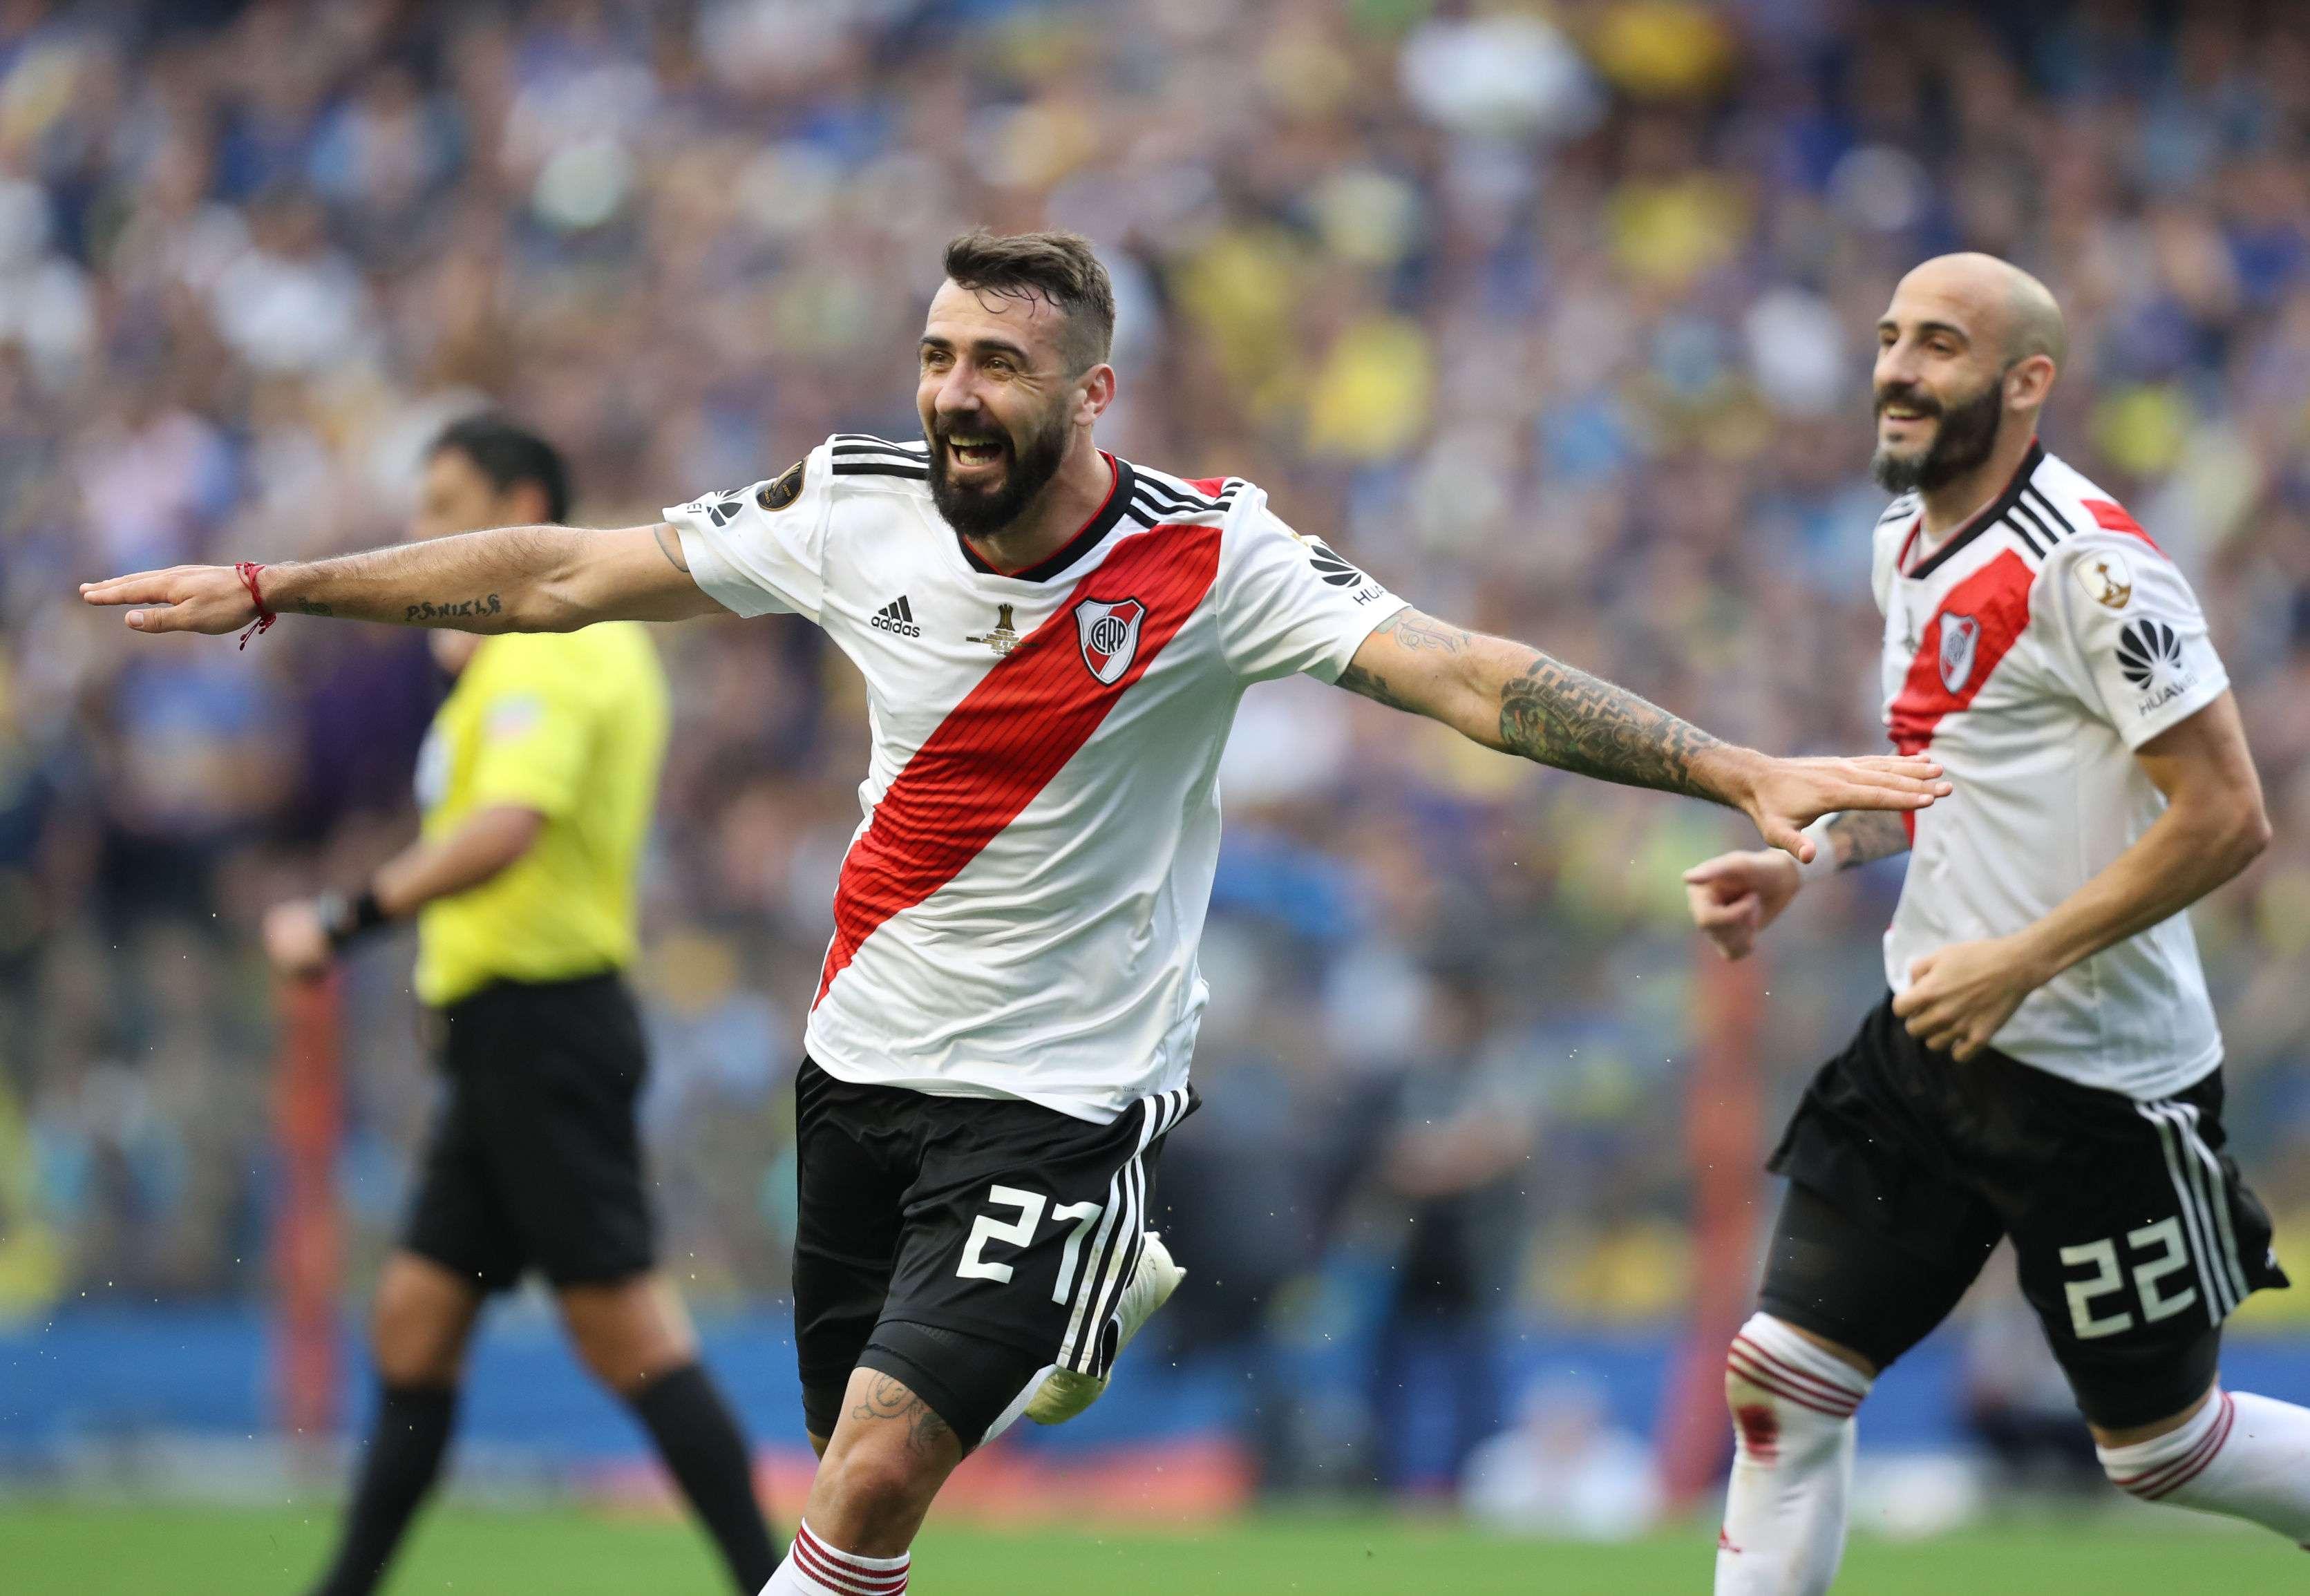 Lucas Pratto fue el hombre clave de River Plate hoy. /Efe